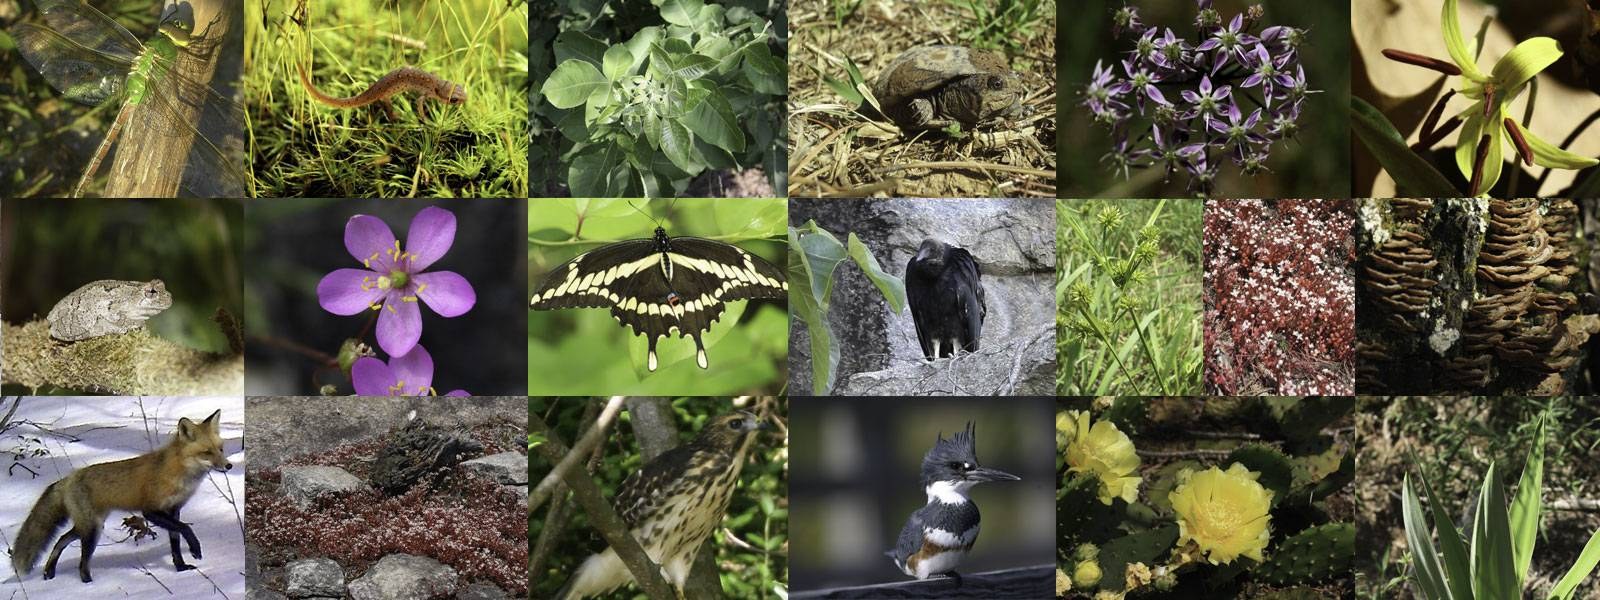 5 животных, встреча с которыми не бывает случайной